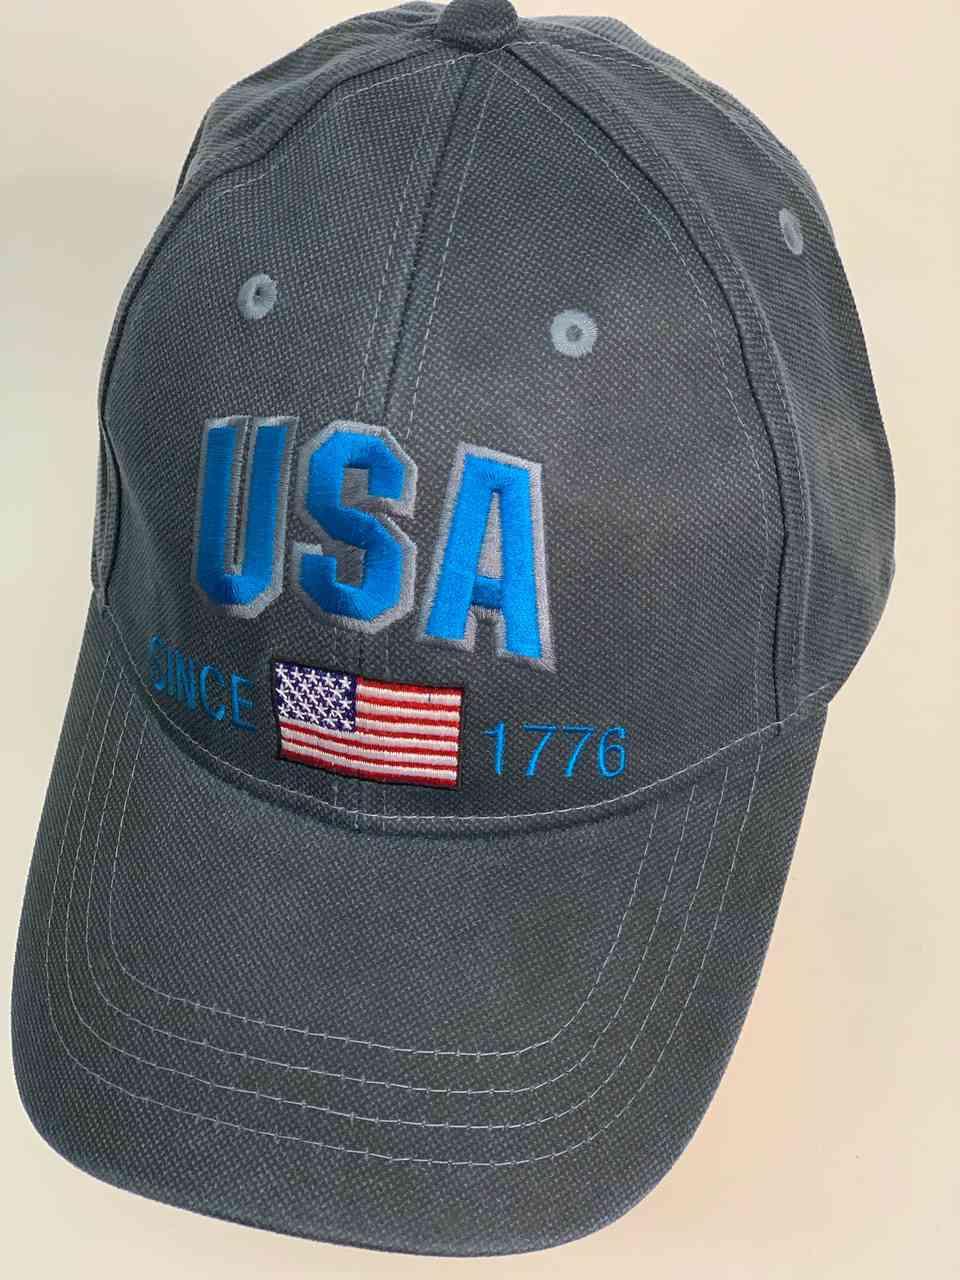 Бейсболка с надписью в честь основания США